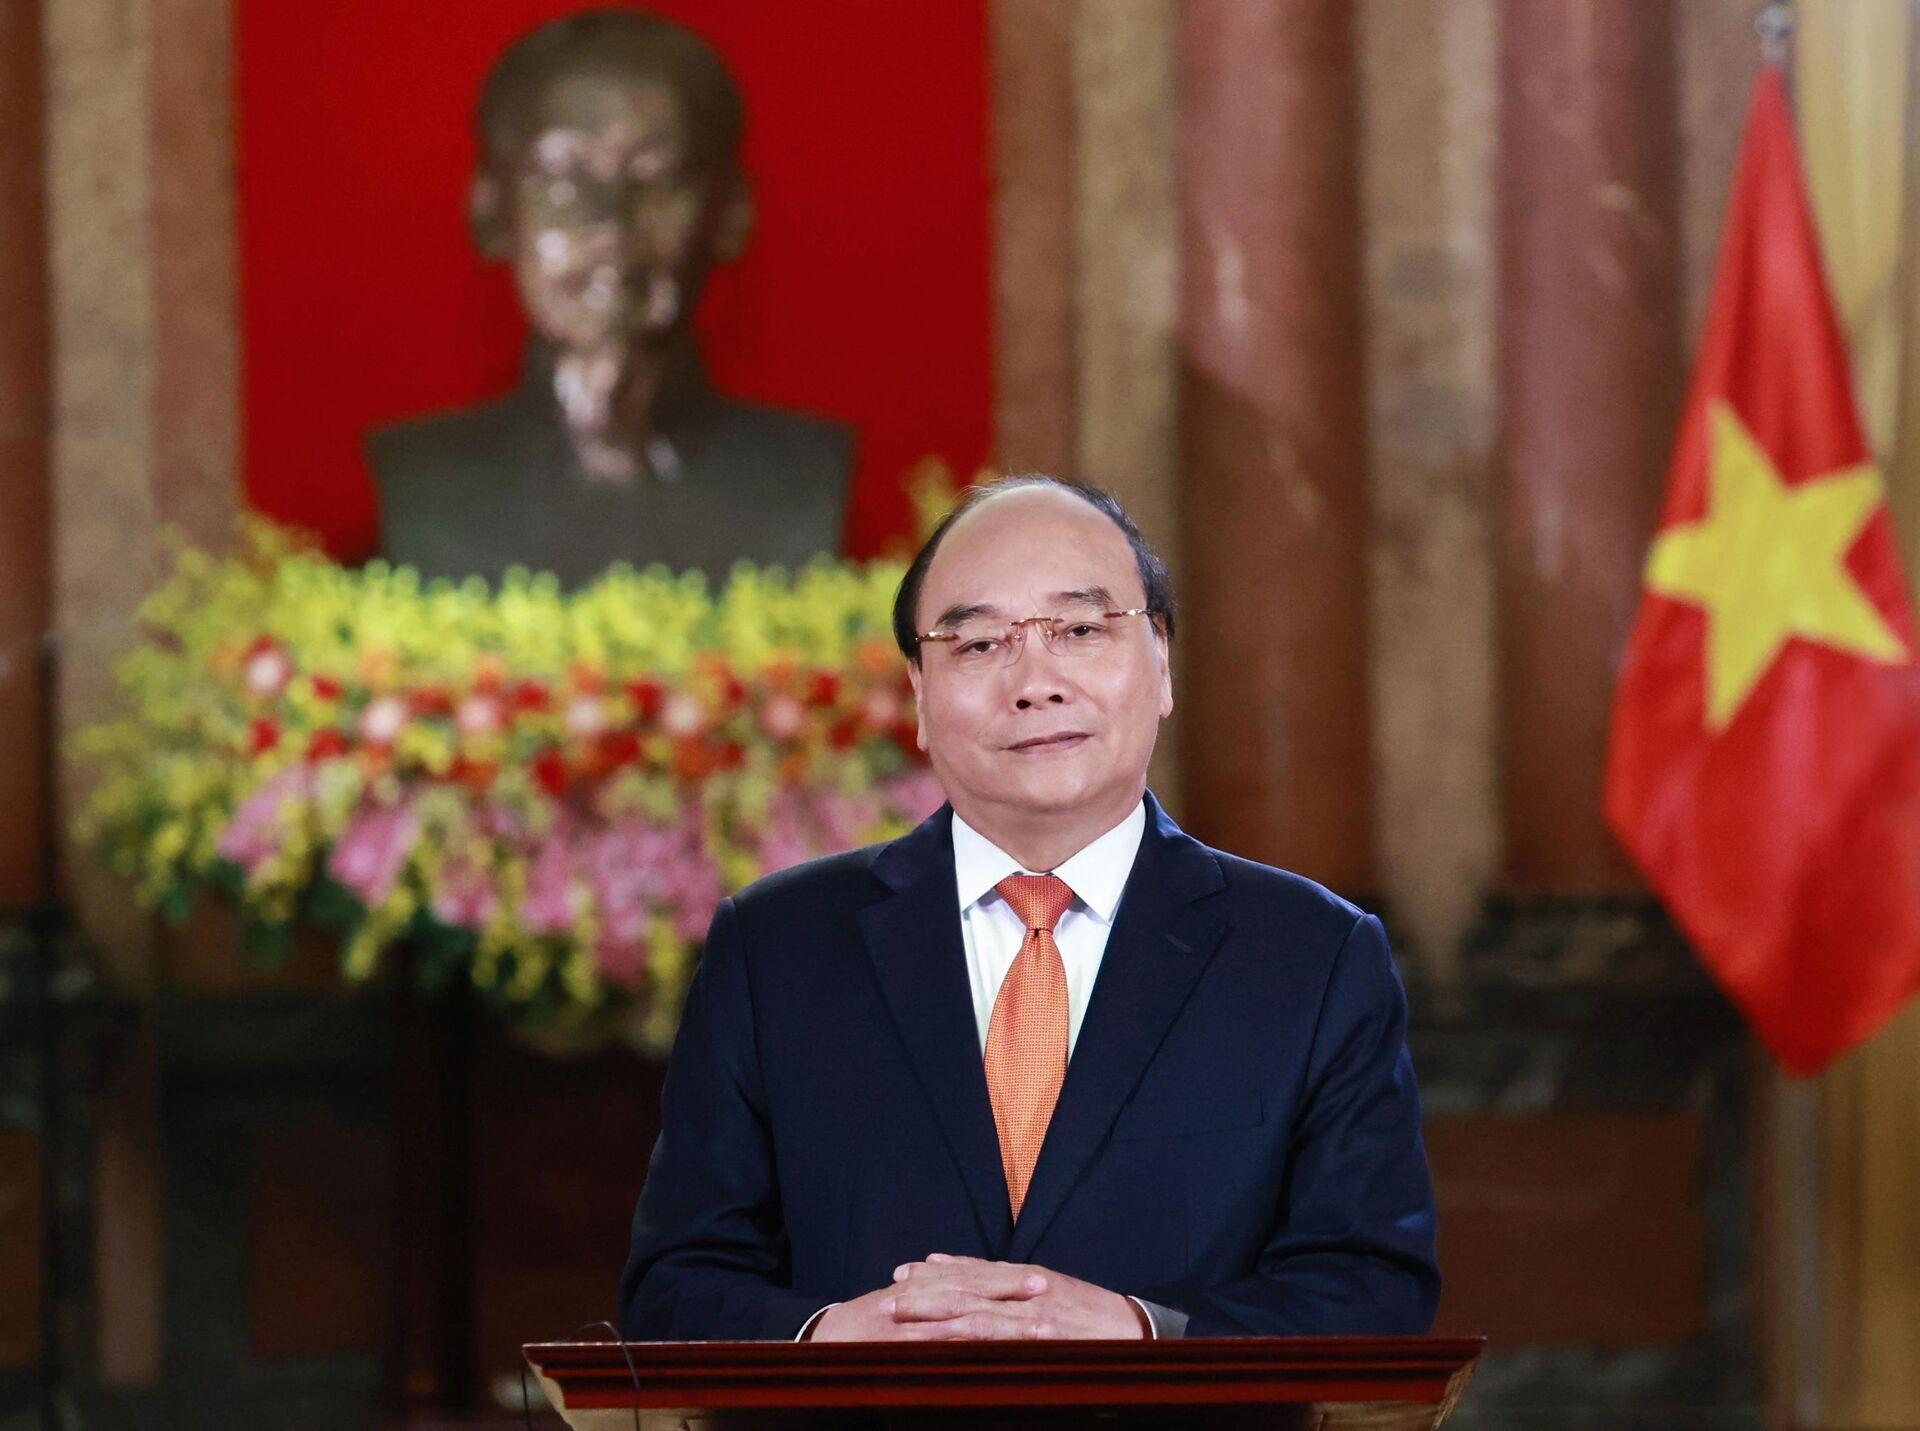 Việt Nam rất khôn khéo: Hà Nội muốn hợp tác bình đẳng với Bắc Kinh - Sputnik Việt Nam, 1920, 21.04.2021